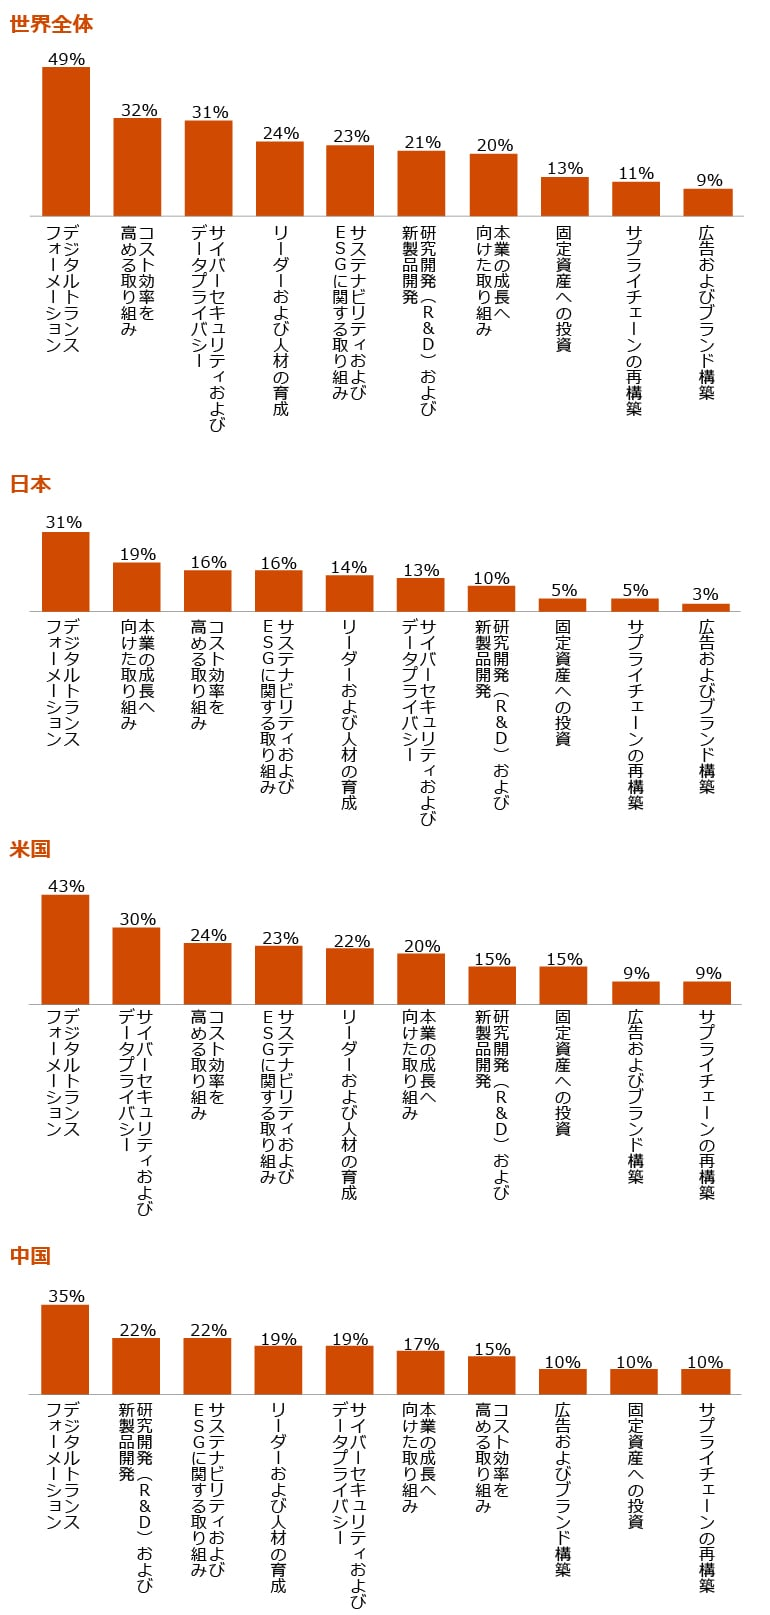 世界全体 DXへの長期投資に関する質問に対し、CEOの半数近く(49%)が「10%以上の増額を予定している」と回答